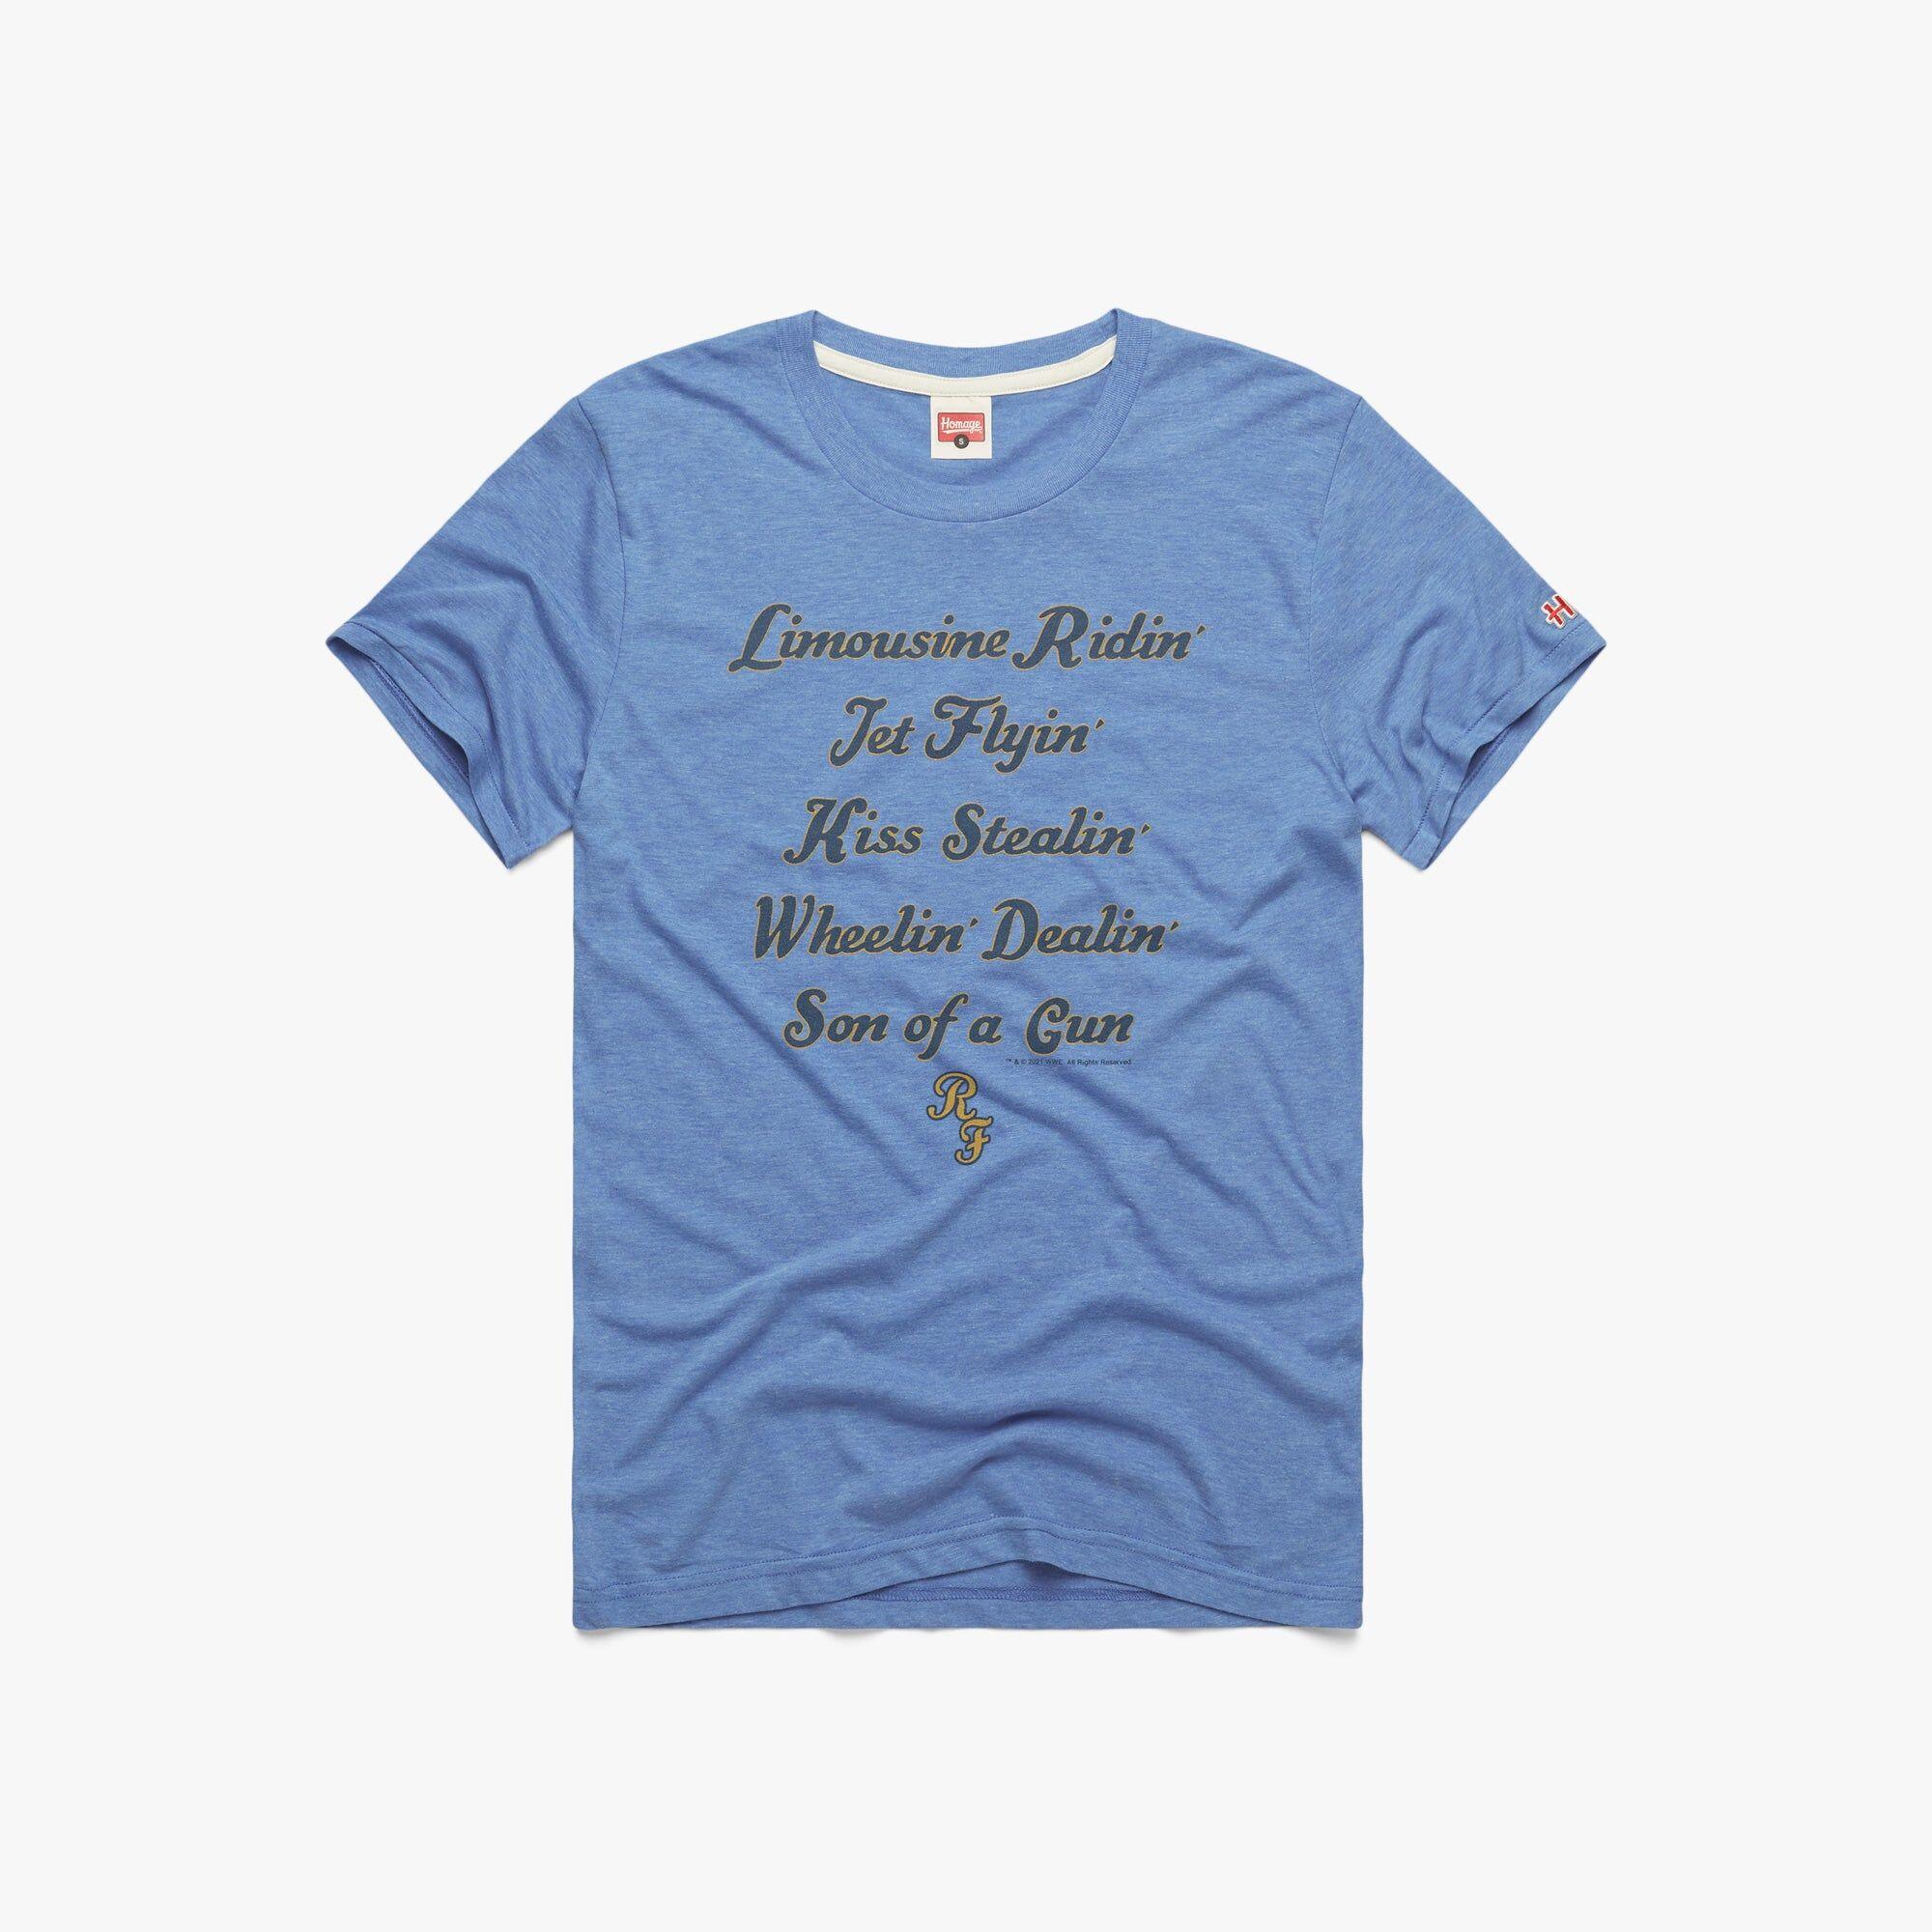 HOMAGE Wheelin Dealin Son Of A Gun in  Blue (Size: 3XL)